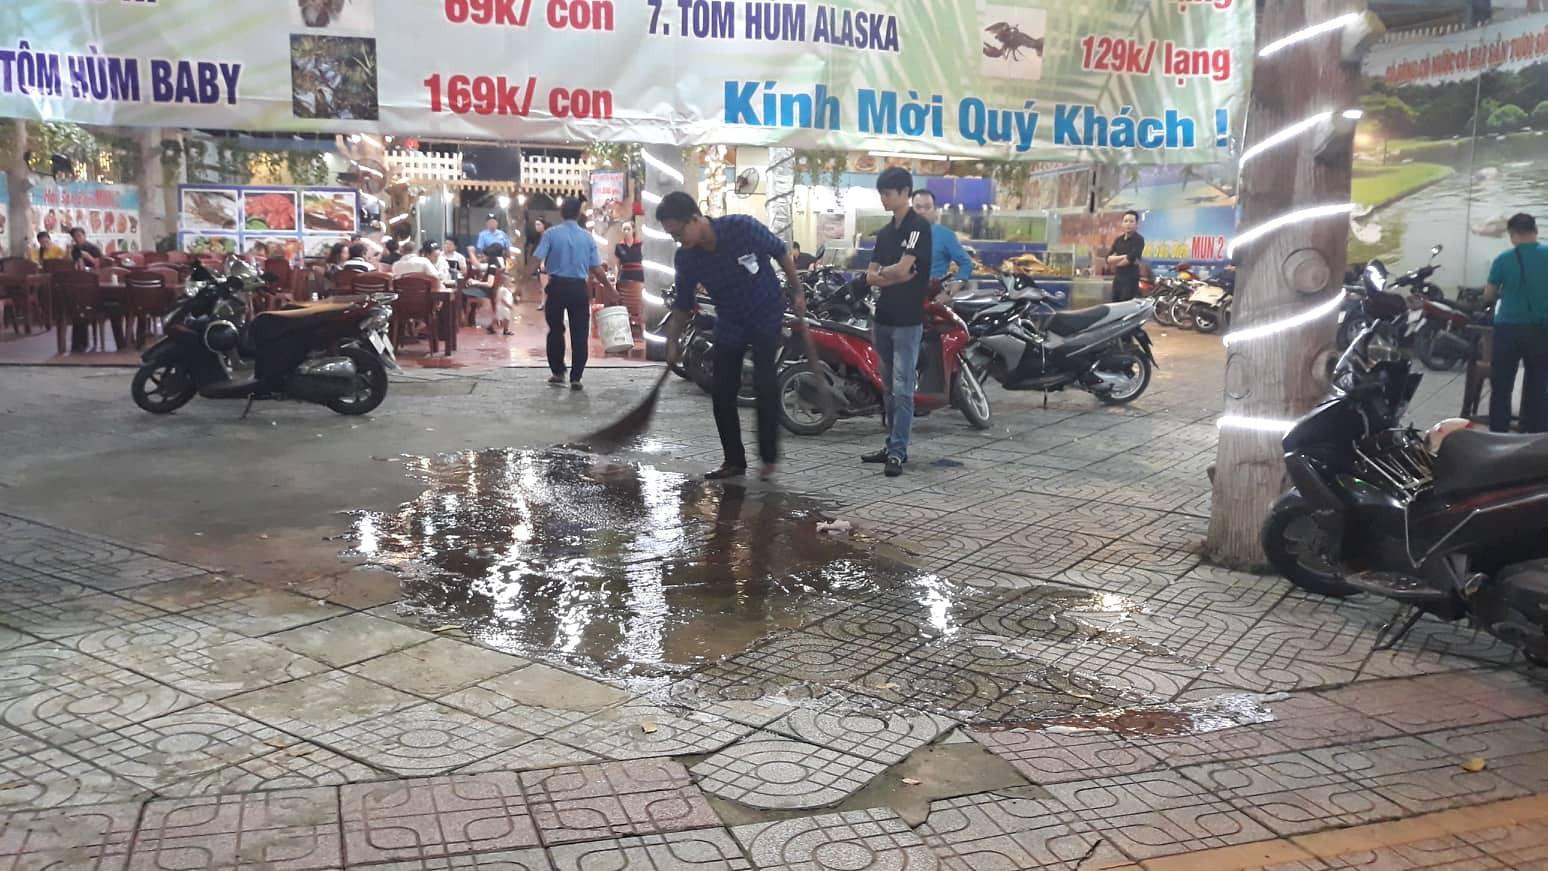 Mâu thuẫn trong lúc lấy xe, nam thực khách bị bảo vệ đâm gục tại quán ăn ở Sài Gòn - Ảnh 2.